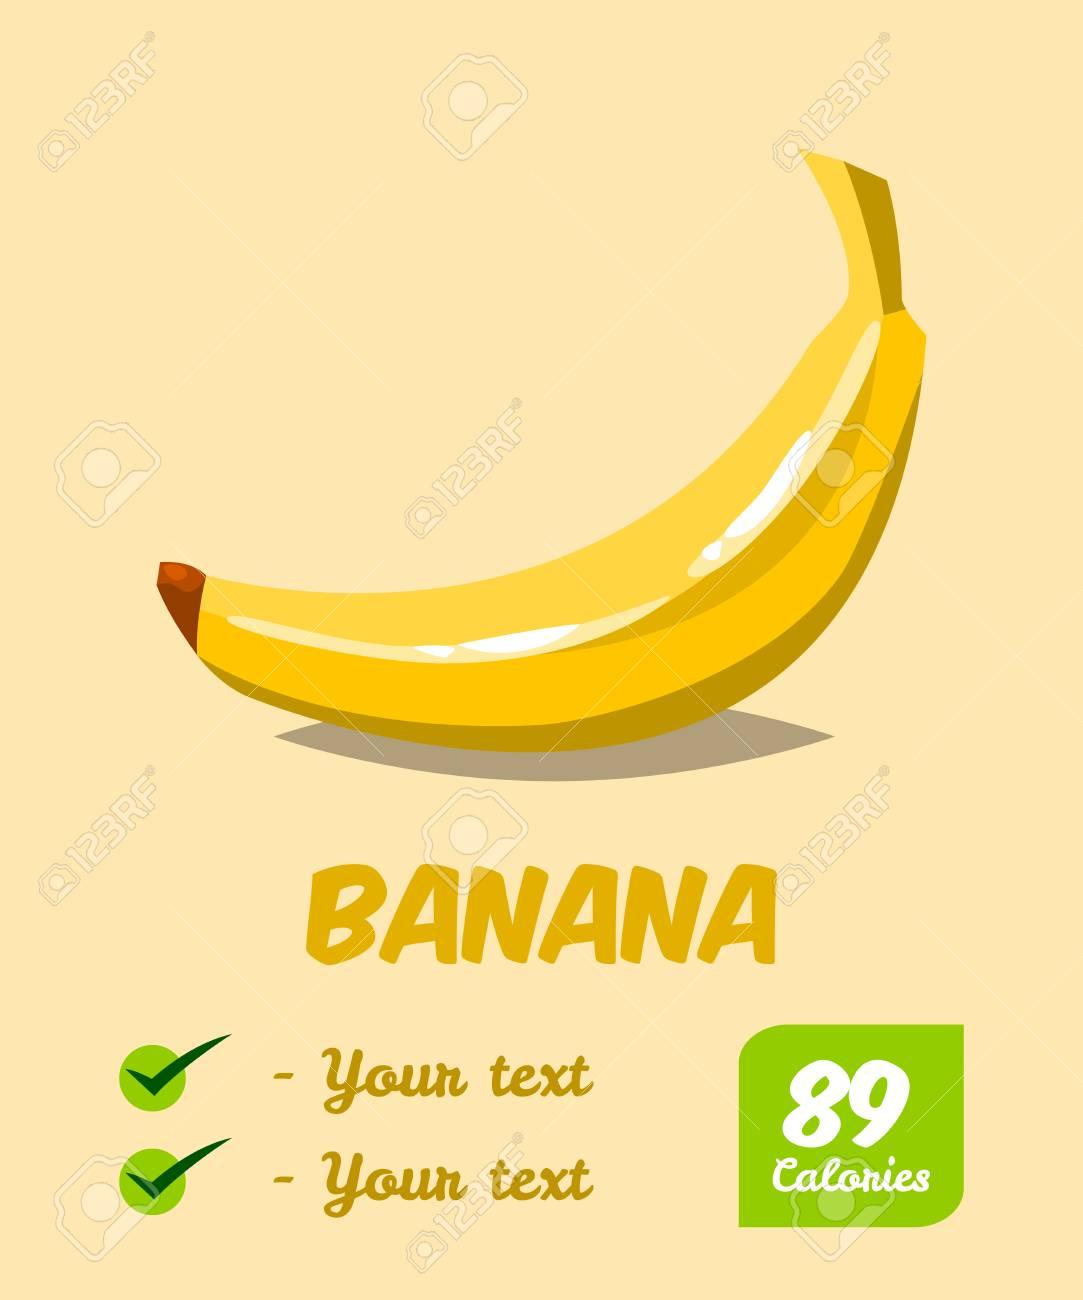 カロリー バナナ